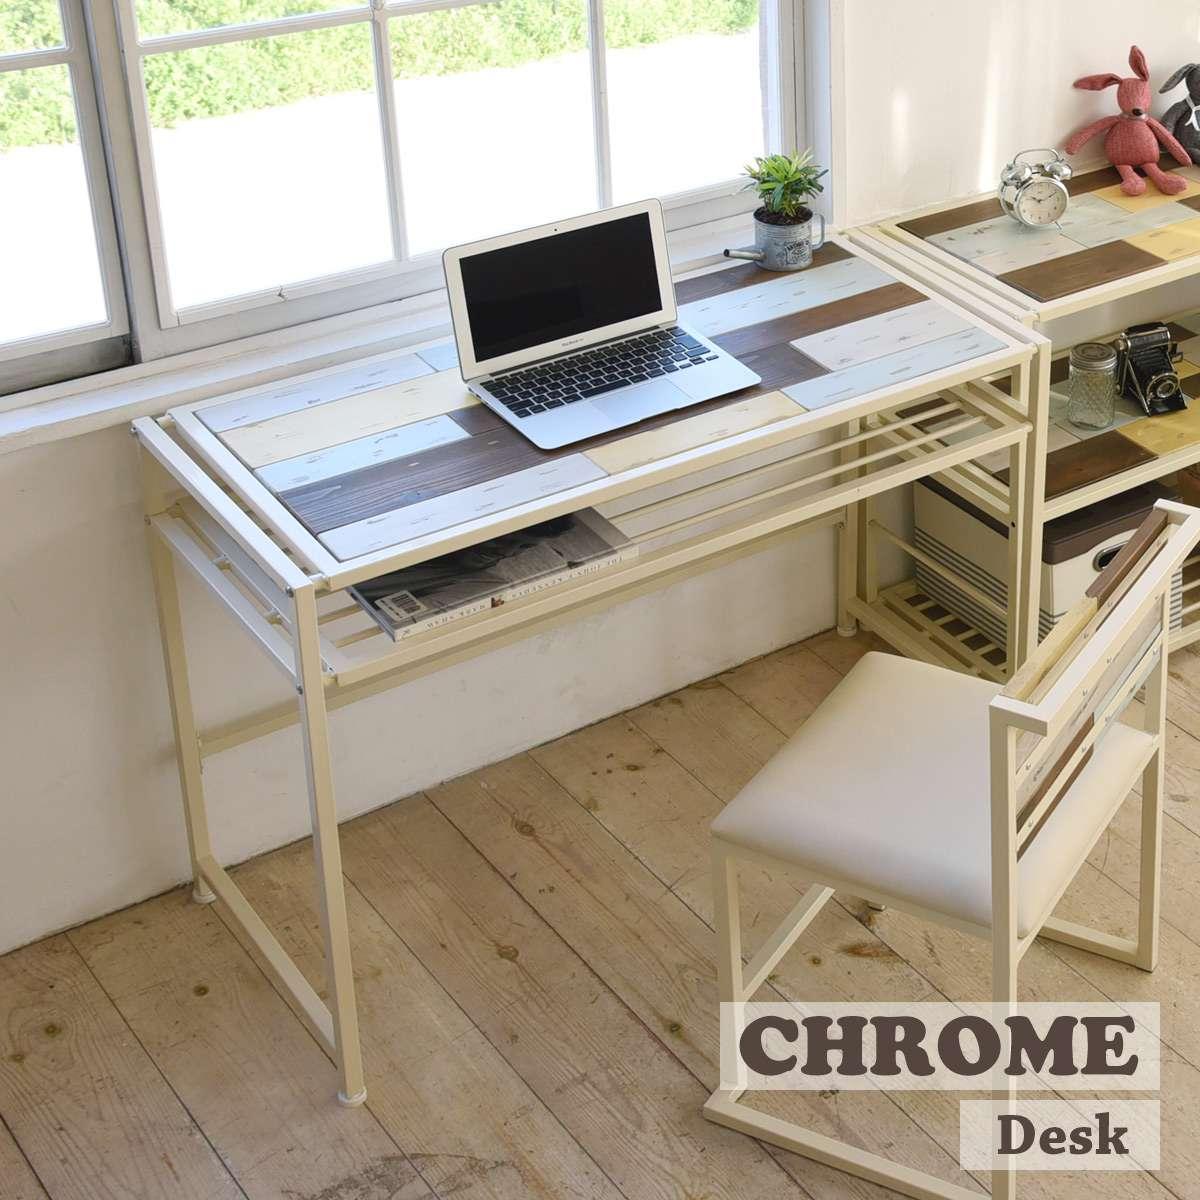 パソコンデスク 机 デスク スリム 白 シンプル おしゃれ 幅100 ハイタイプ パソコン ホワイト つくえ PCデスク 学習机 大学生 幅狭い 奥行45